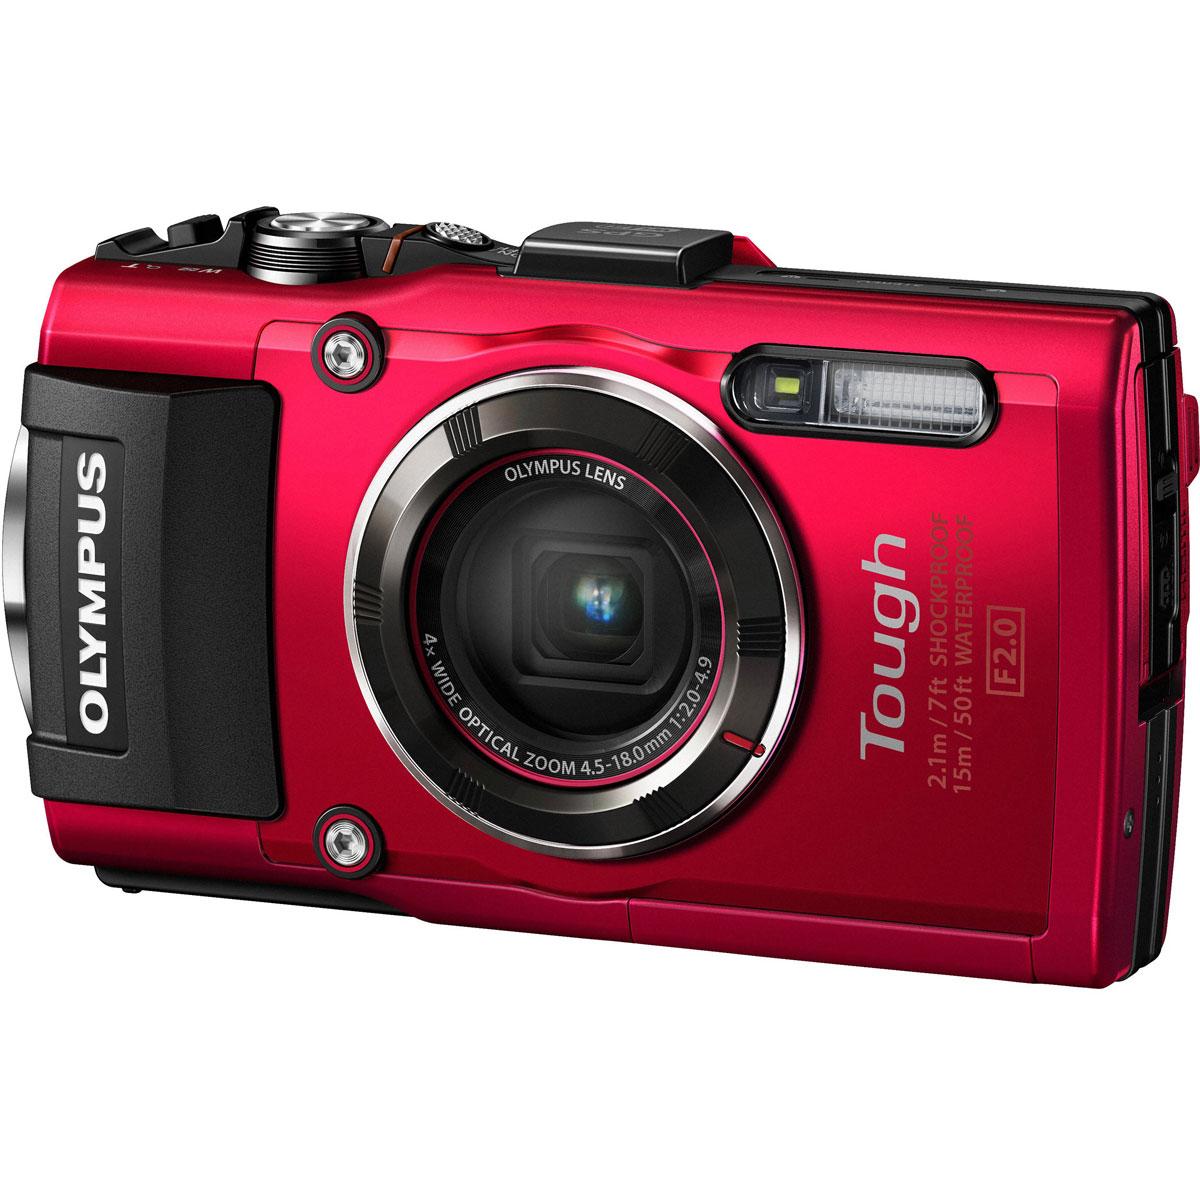 Olympus TG-4, Red цифровая фотокамераV104160RE000Будь то коралловые рифы, разломы или морская жизнь, камера Olympus TG-4 всегда с вами. Эта цифровая камера с защитой от брызг, отлично работающая на высшем уровне даже в глубинах океана. Невероятная светосила 1:2.0 высокоскоростного объектива позволяет делать захватывающие, яркие снимки моря во время дайвинга или снорклинга. Камера Olympus TG-4 всегда готова к приключениям: пересеченная гористая местность при отрицательной температуре, снег, песчаная буря, темные, густые леса. Интеллектуальная система заглушек позволяет Olympus TG-4 работать в самых экстремальных условиях в любой точке мира. Камера Olympus TG-4 достаточно мощная, чтобы запечатлеть всё, что может предложить природа. Используйте один из четырех возможных режимов макро-съемки, например, уникальный режим следящего фокуса, чтобы отразить свою креативность. Приблизьтесь на максимально близкое расстояние к насекомым, цветам и снежинкам, чтобы сфотографировать их с невероятной четкостью в...